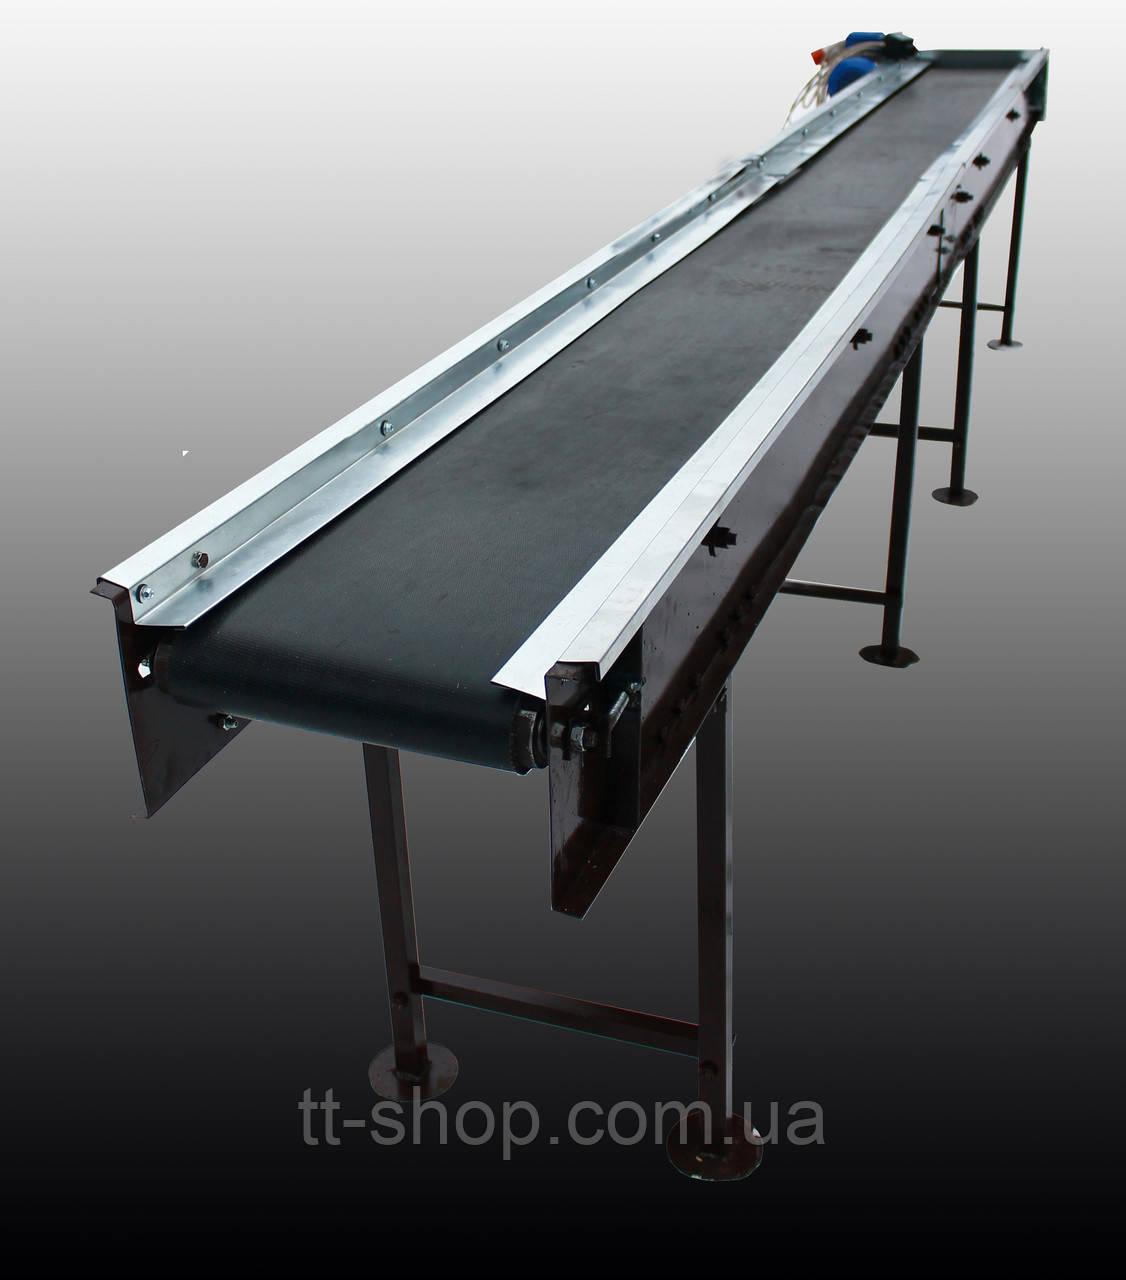 Стрічковий конвеєр довжиною 14 м, ширина стрічки 1000 мм дв 5,5 кВт.